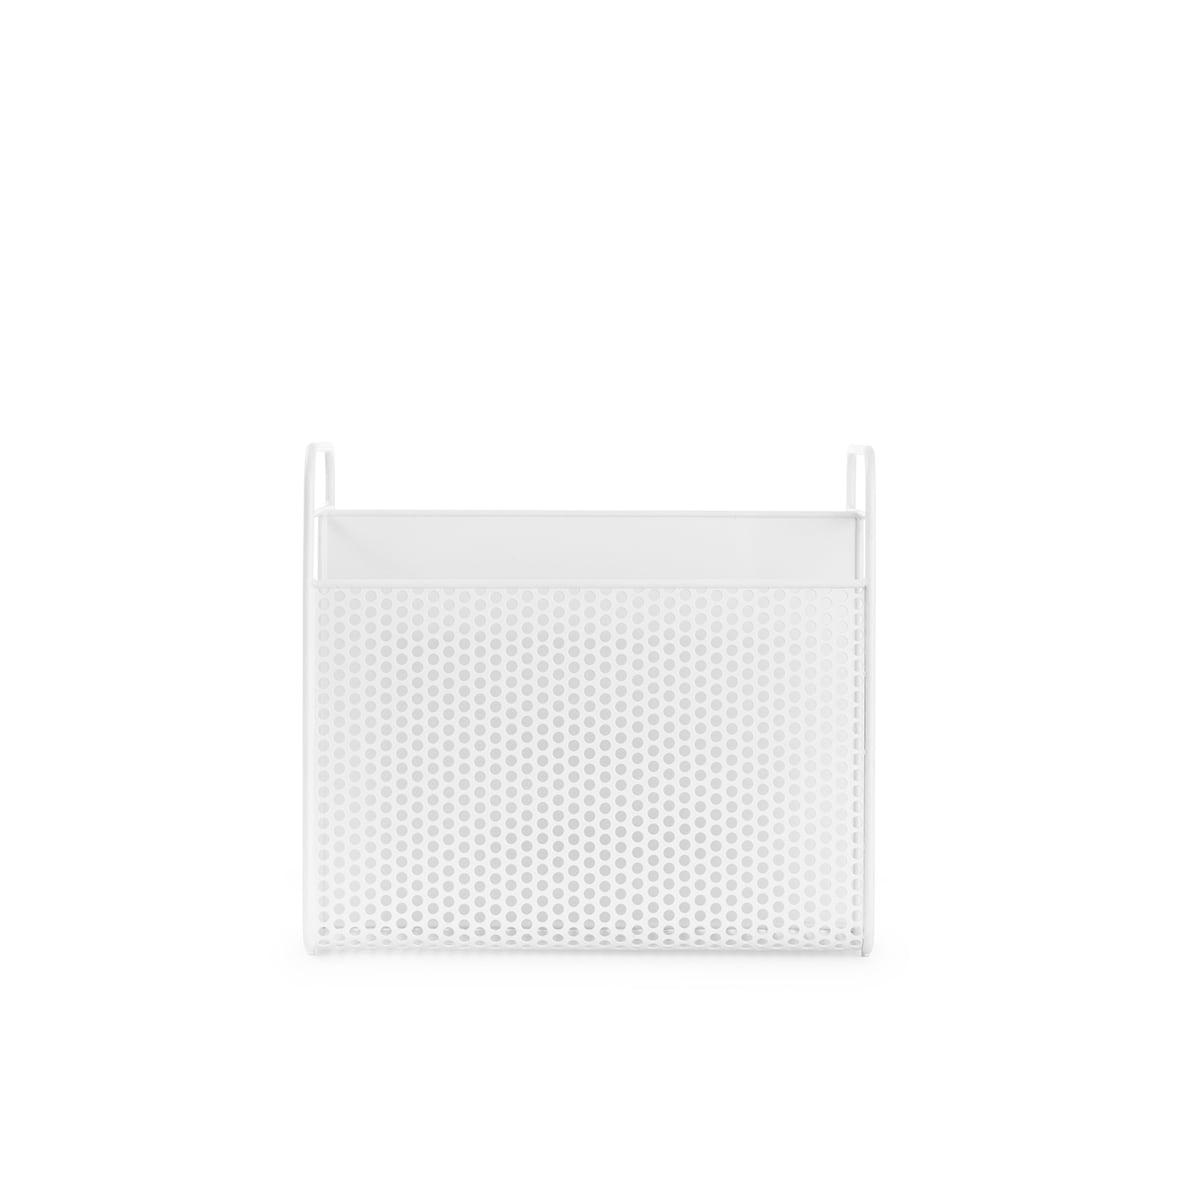 Normann Copenhagen - Analog Zeitschriftenhalter, weiß | Dekoration | Weiß | Stahl -  pulverbeschichtet | Normann Copenhagen